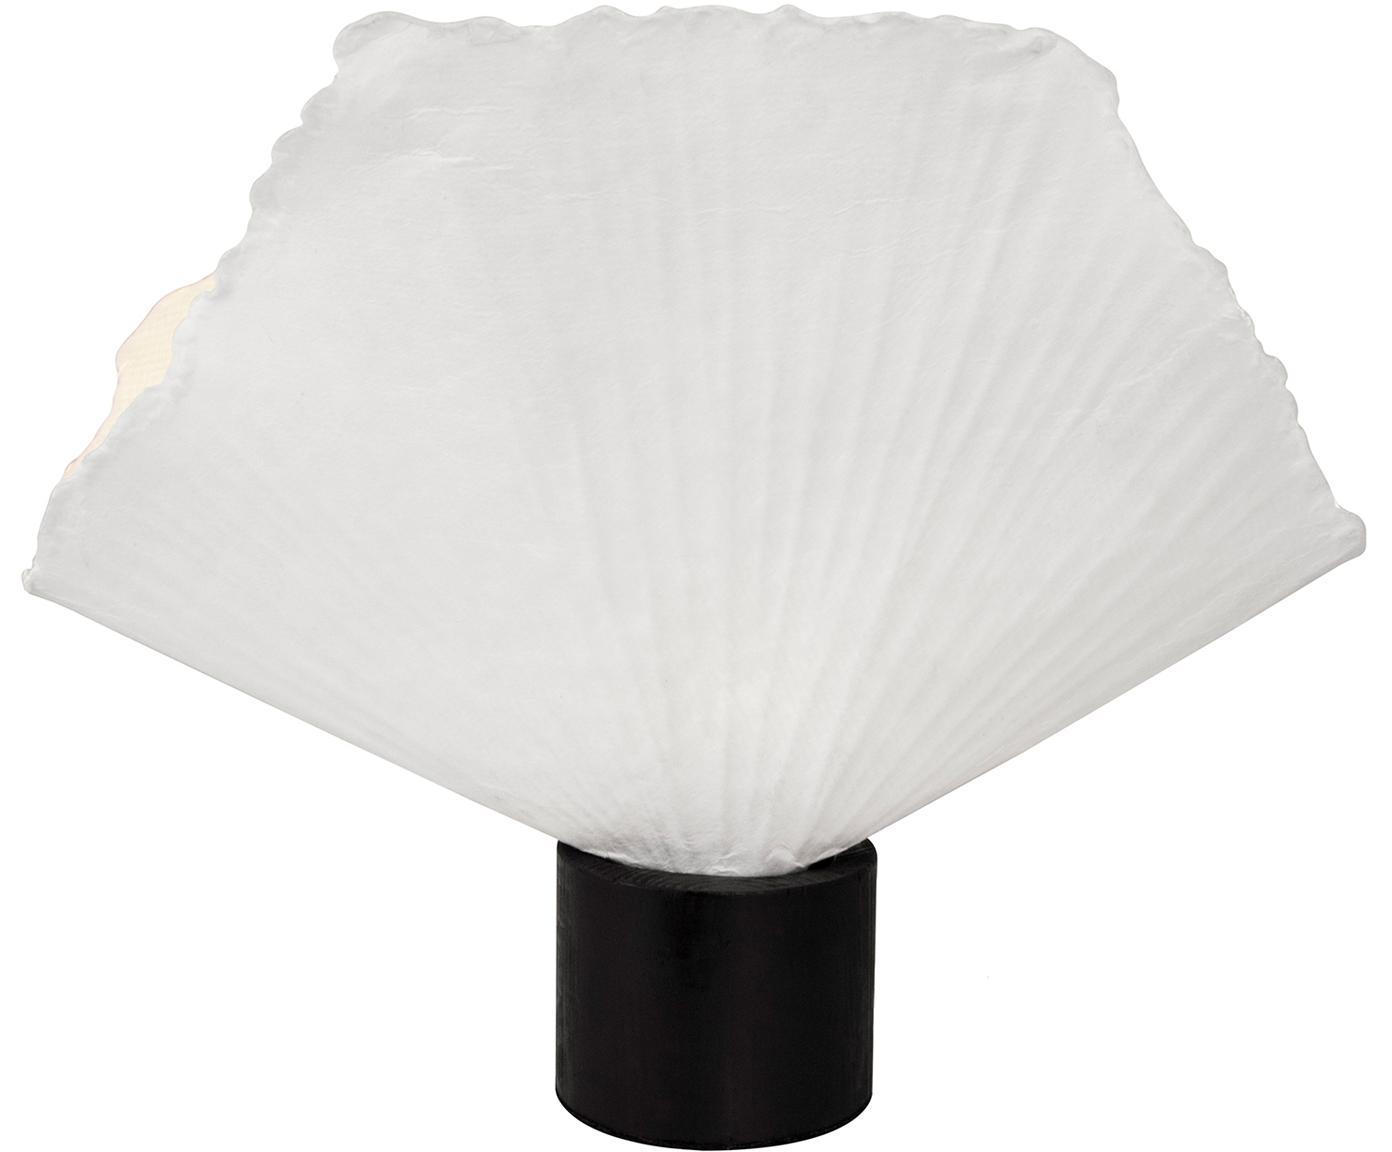 Lampa stołowa Tropez, Papier, drewno naturalne, powlekany, Biały, czarny, S 43 x W 35 cm